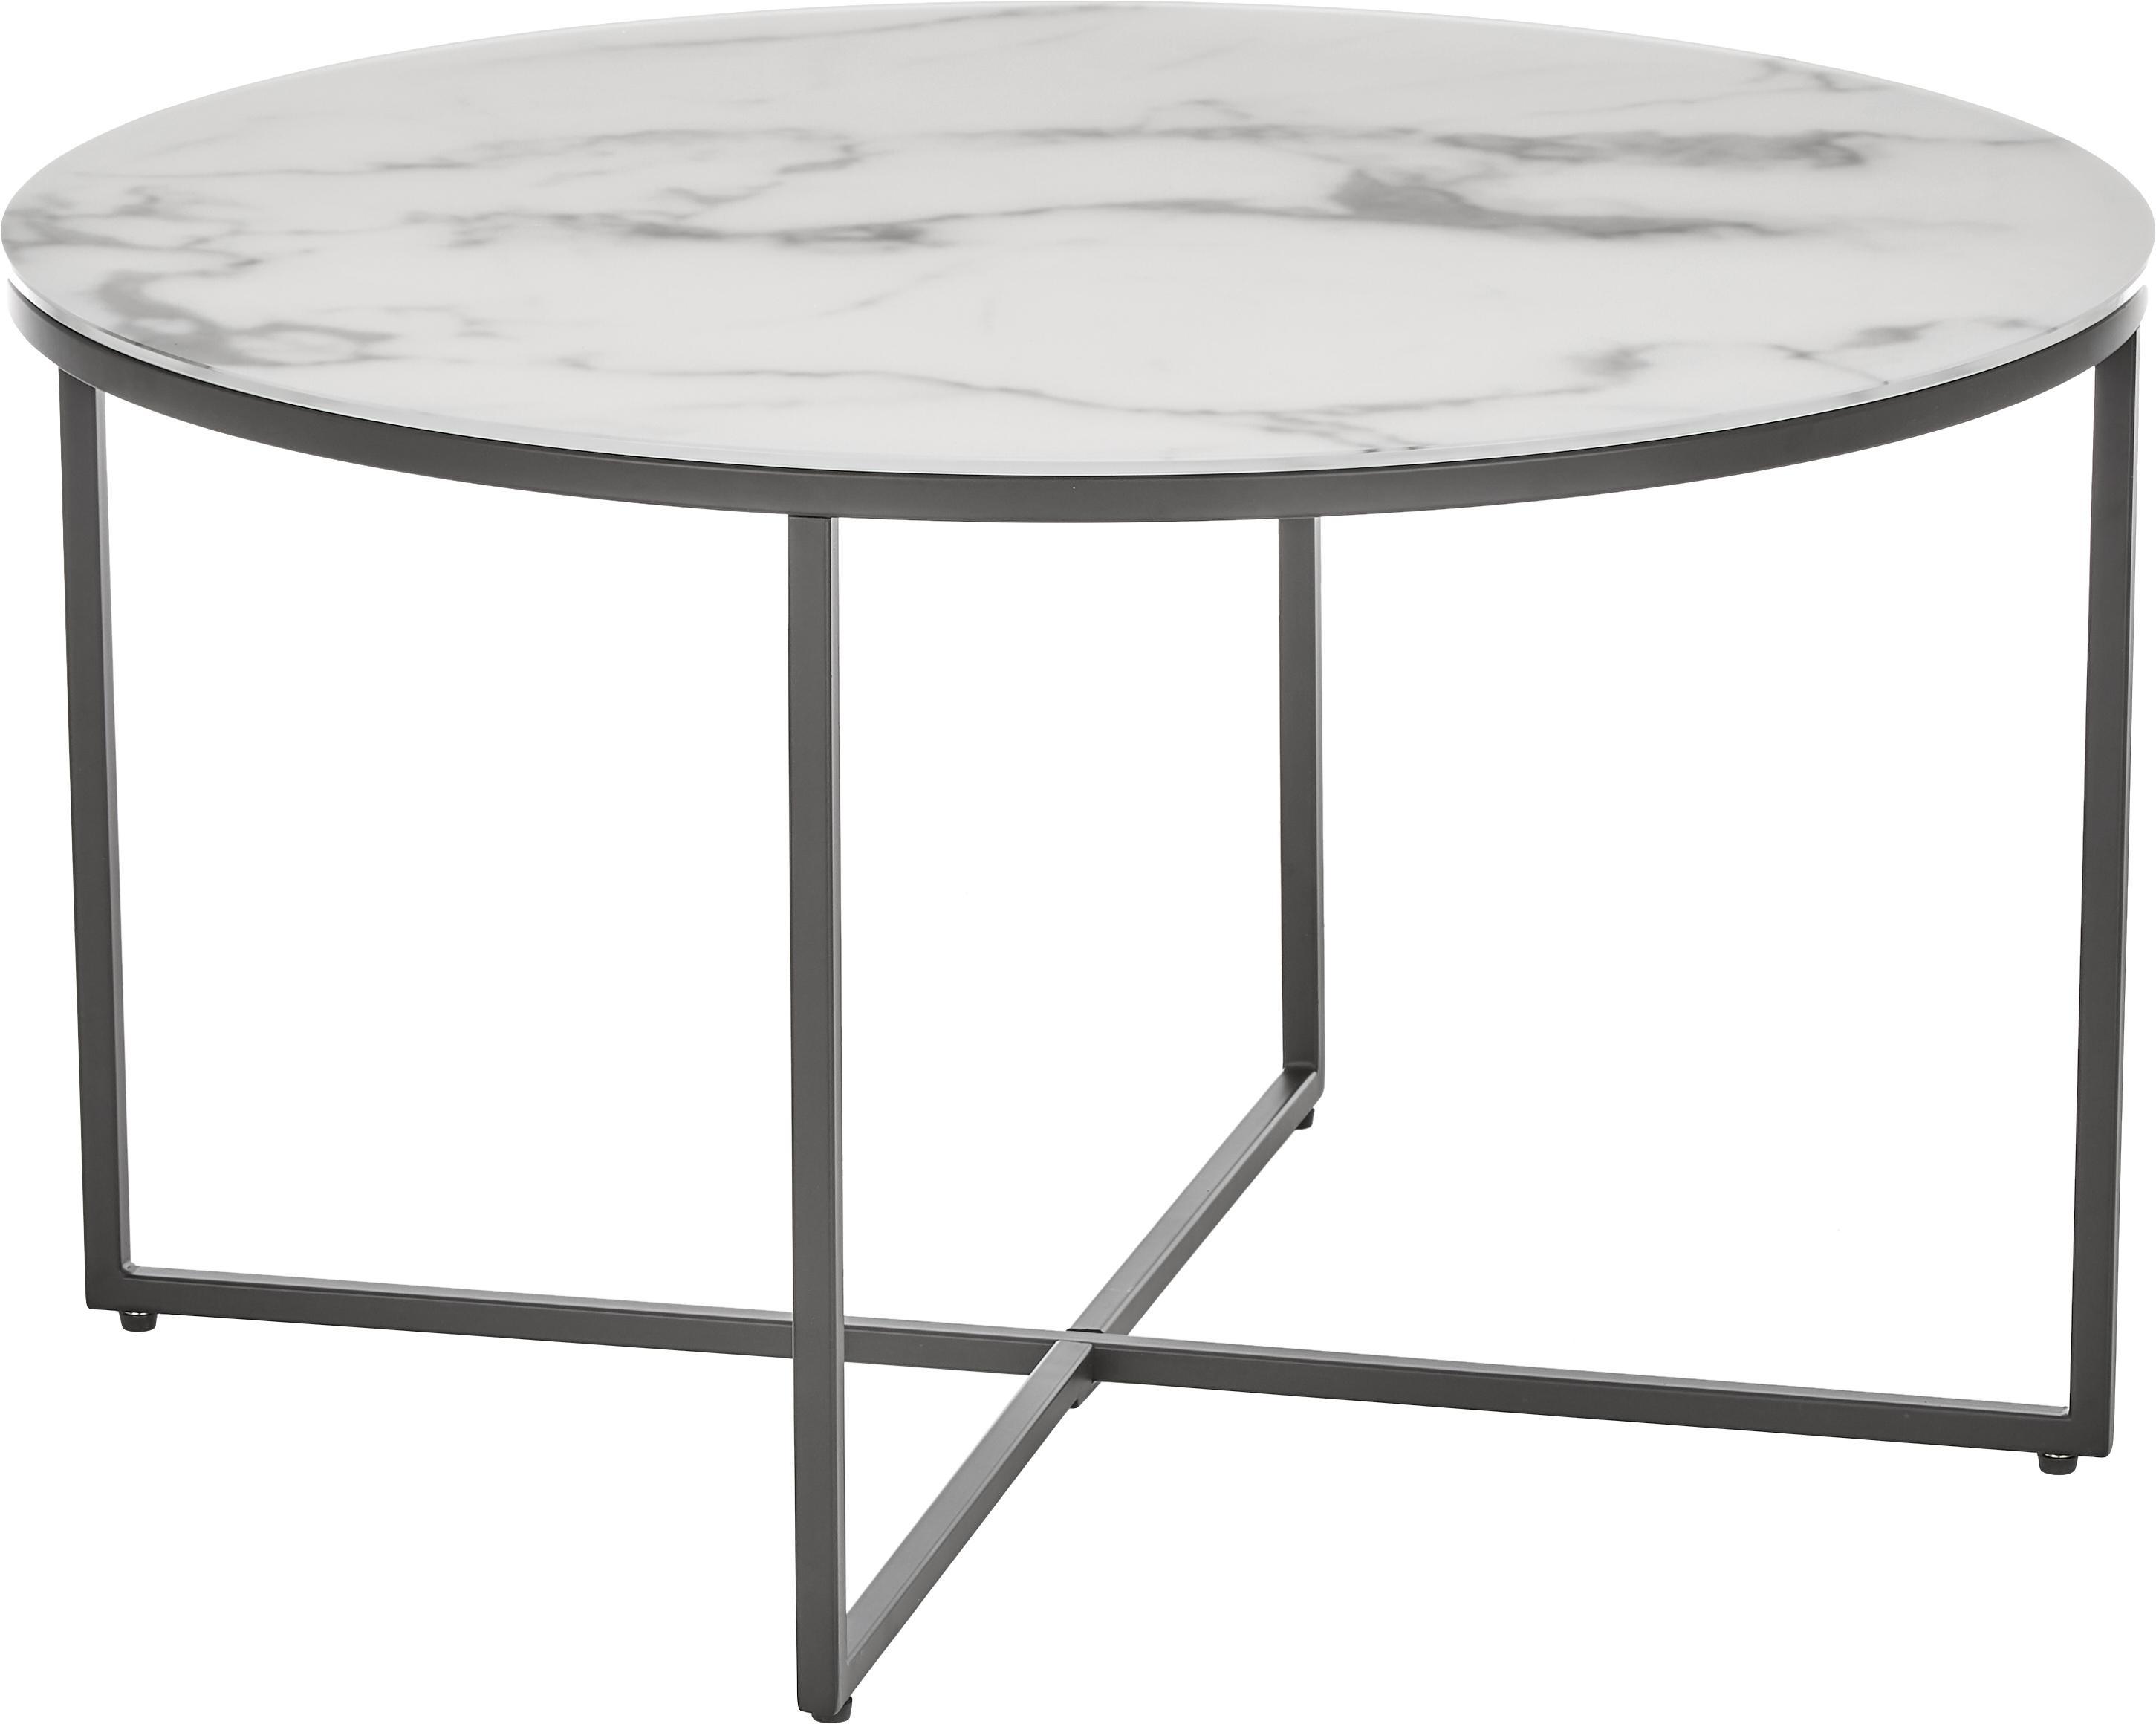 Tavolino da salotto con piano in vetro effetto marmo Antigua, Piano d'appoggio: vetro stampato opaco, Struttura: acciaio verniciato a polv, Bianco-grigio marmorizzato, nero, Ø 80 x Alt. 45 cm